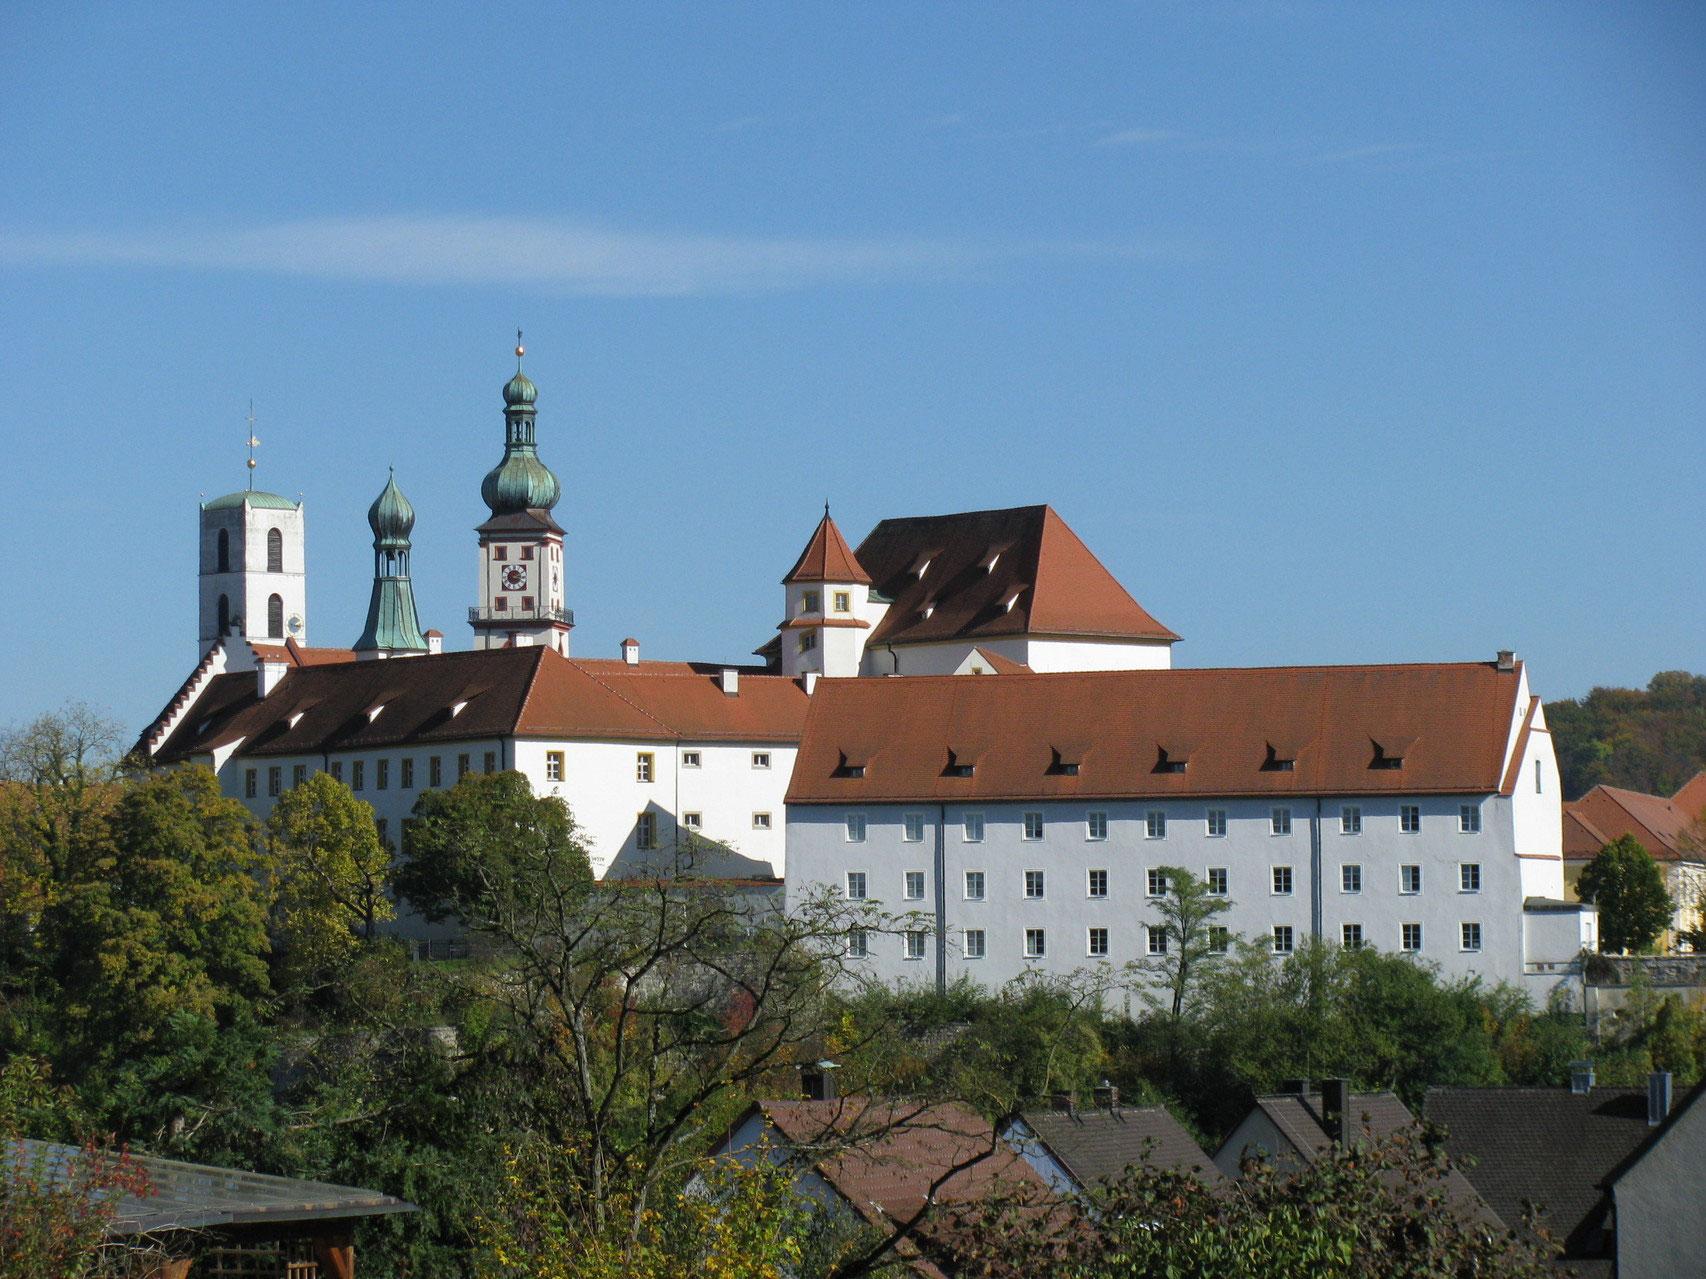 Meine Stadt Sulzbach Rosenberg